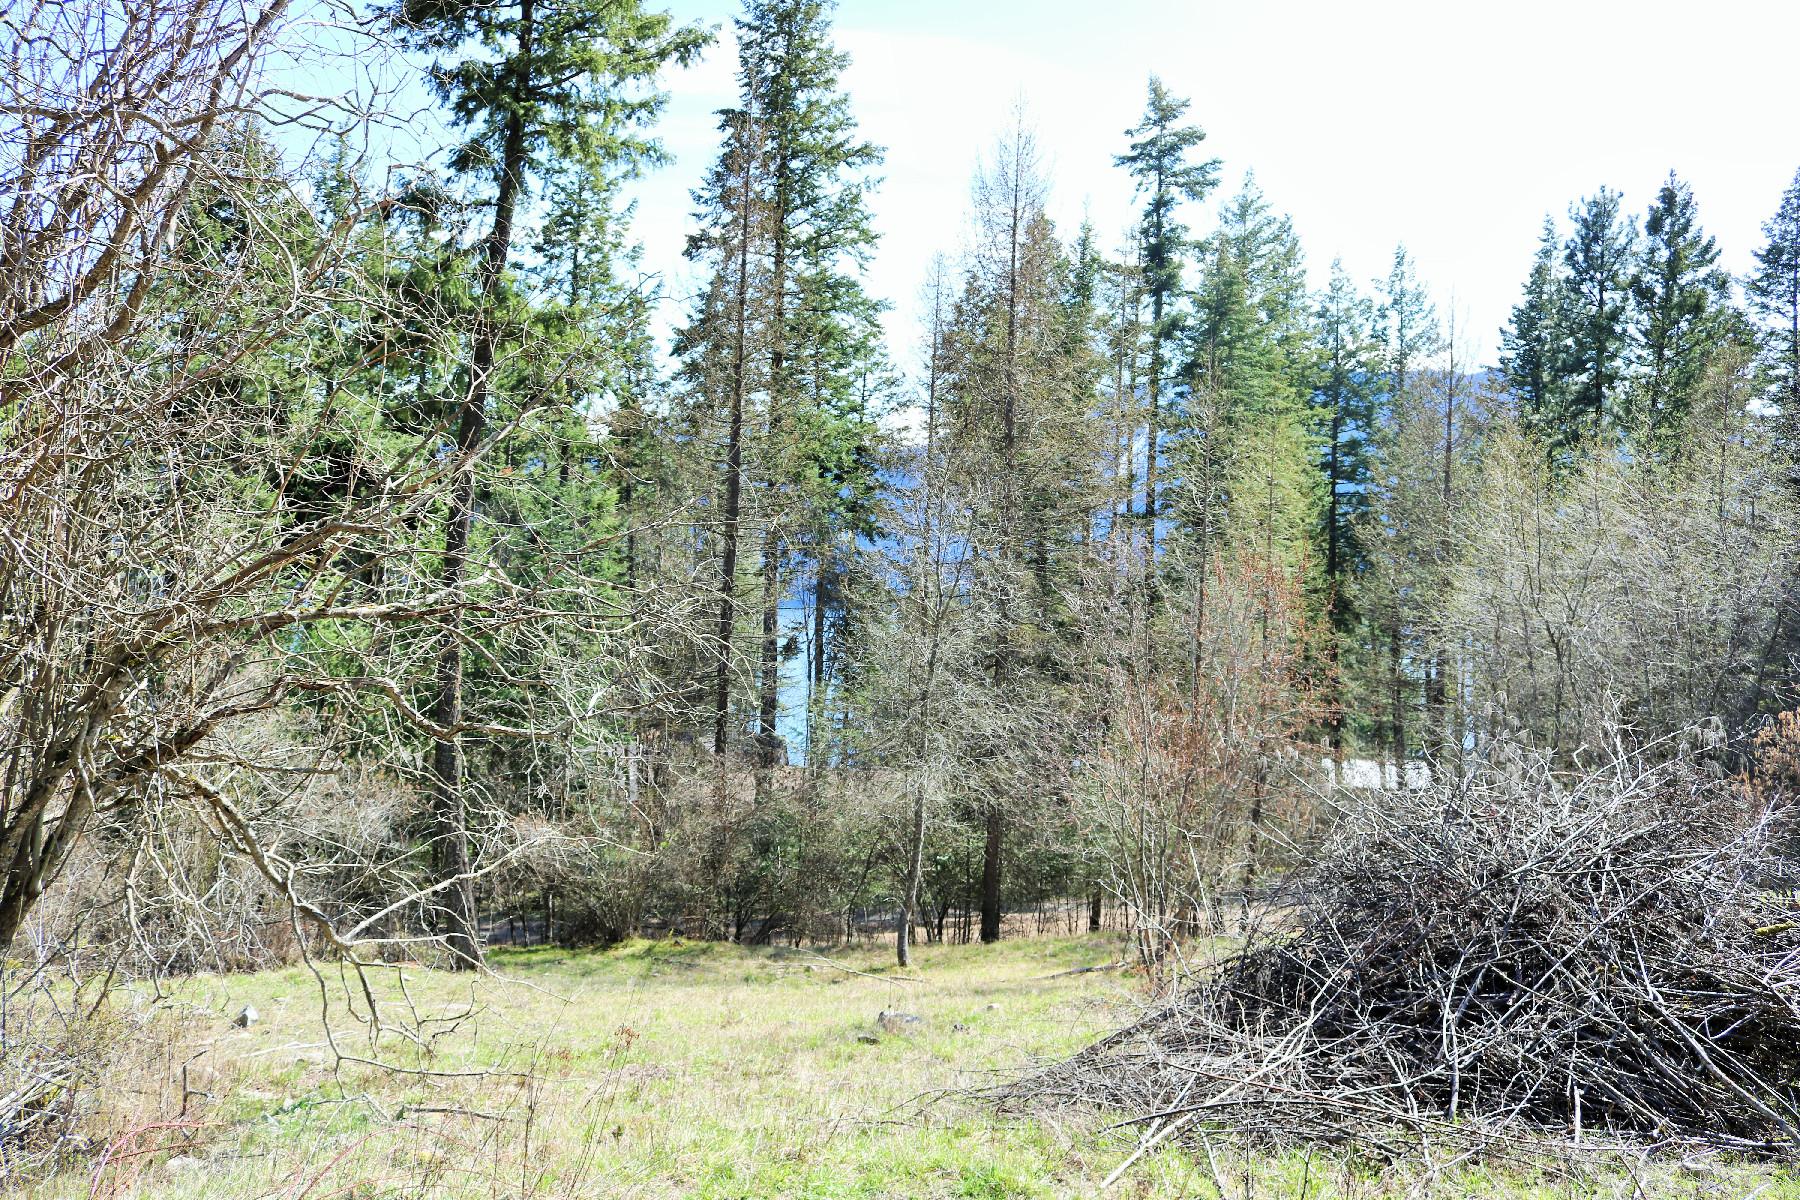 Terreno para Venda às Terrace Dr Lot 25A NKA N Terrace Dr 25A Bayview, Idaho, 83803 Estados Unidos